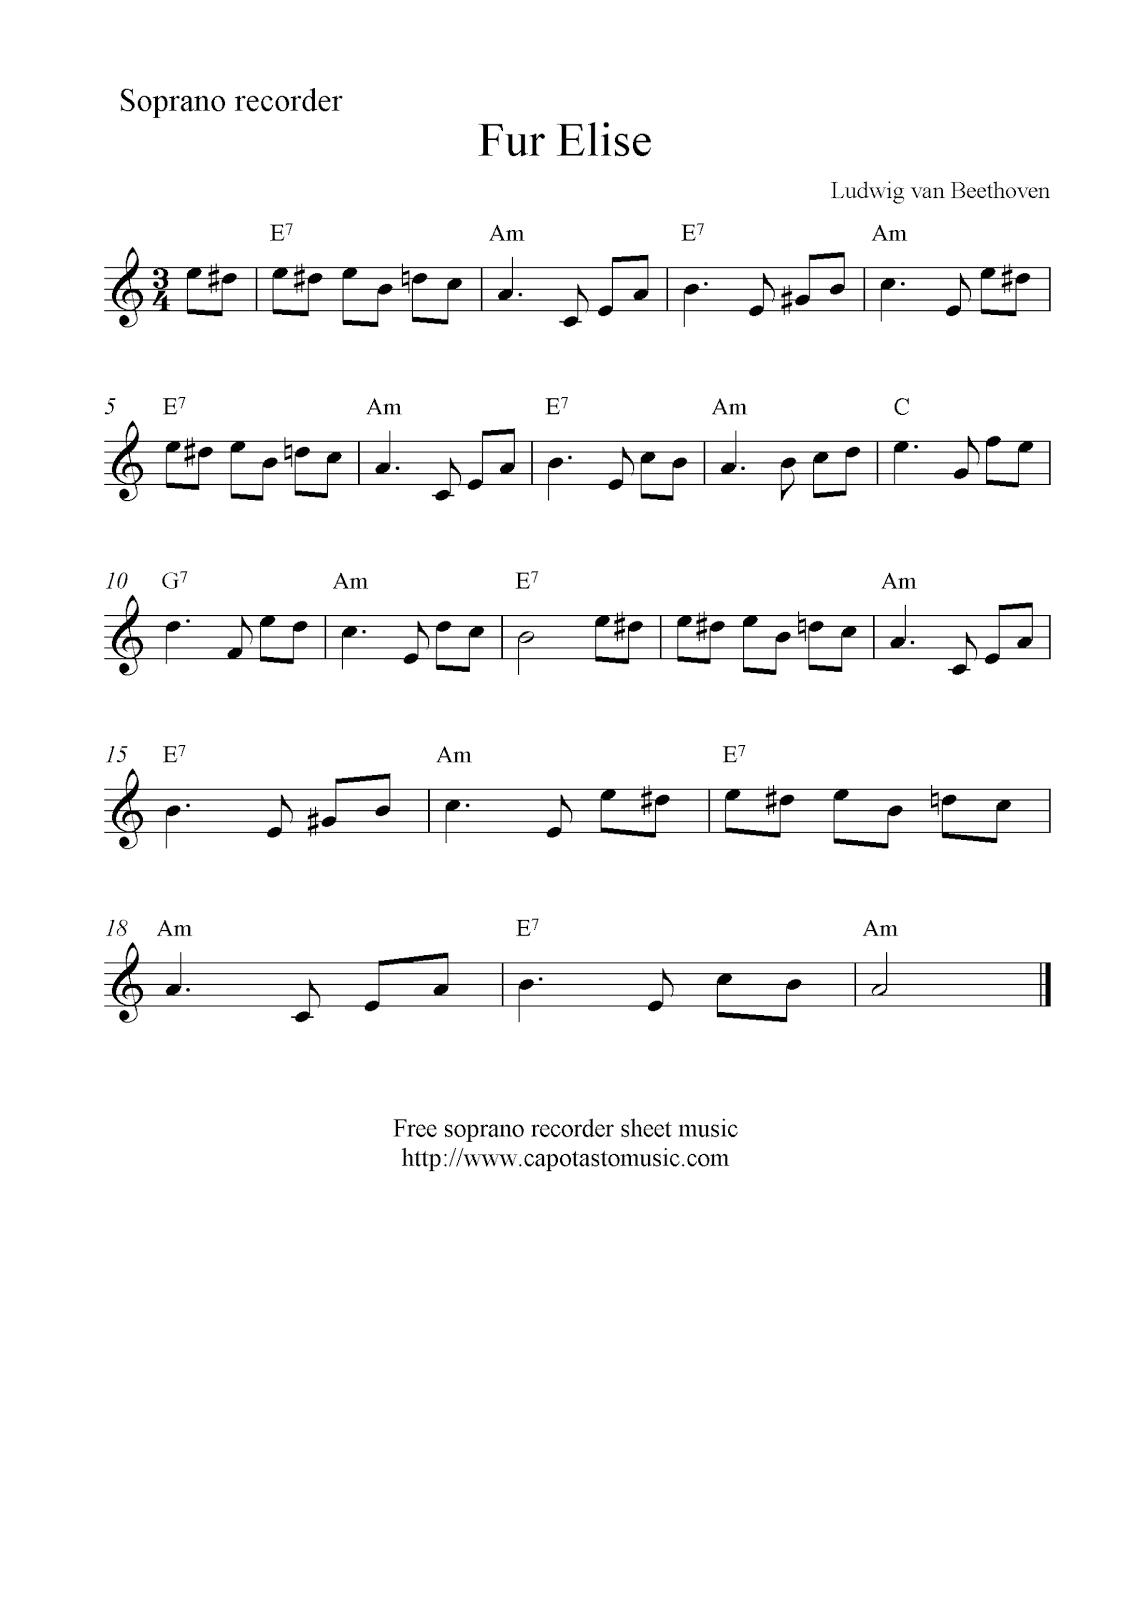 Fur Elise, Free Soprano Recorder Sheet Music Notes | Piano - Free Printable Piano Sheet Music Fur Elise